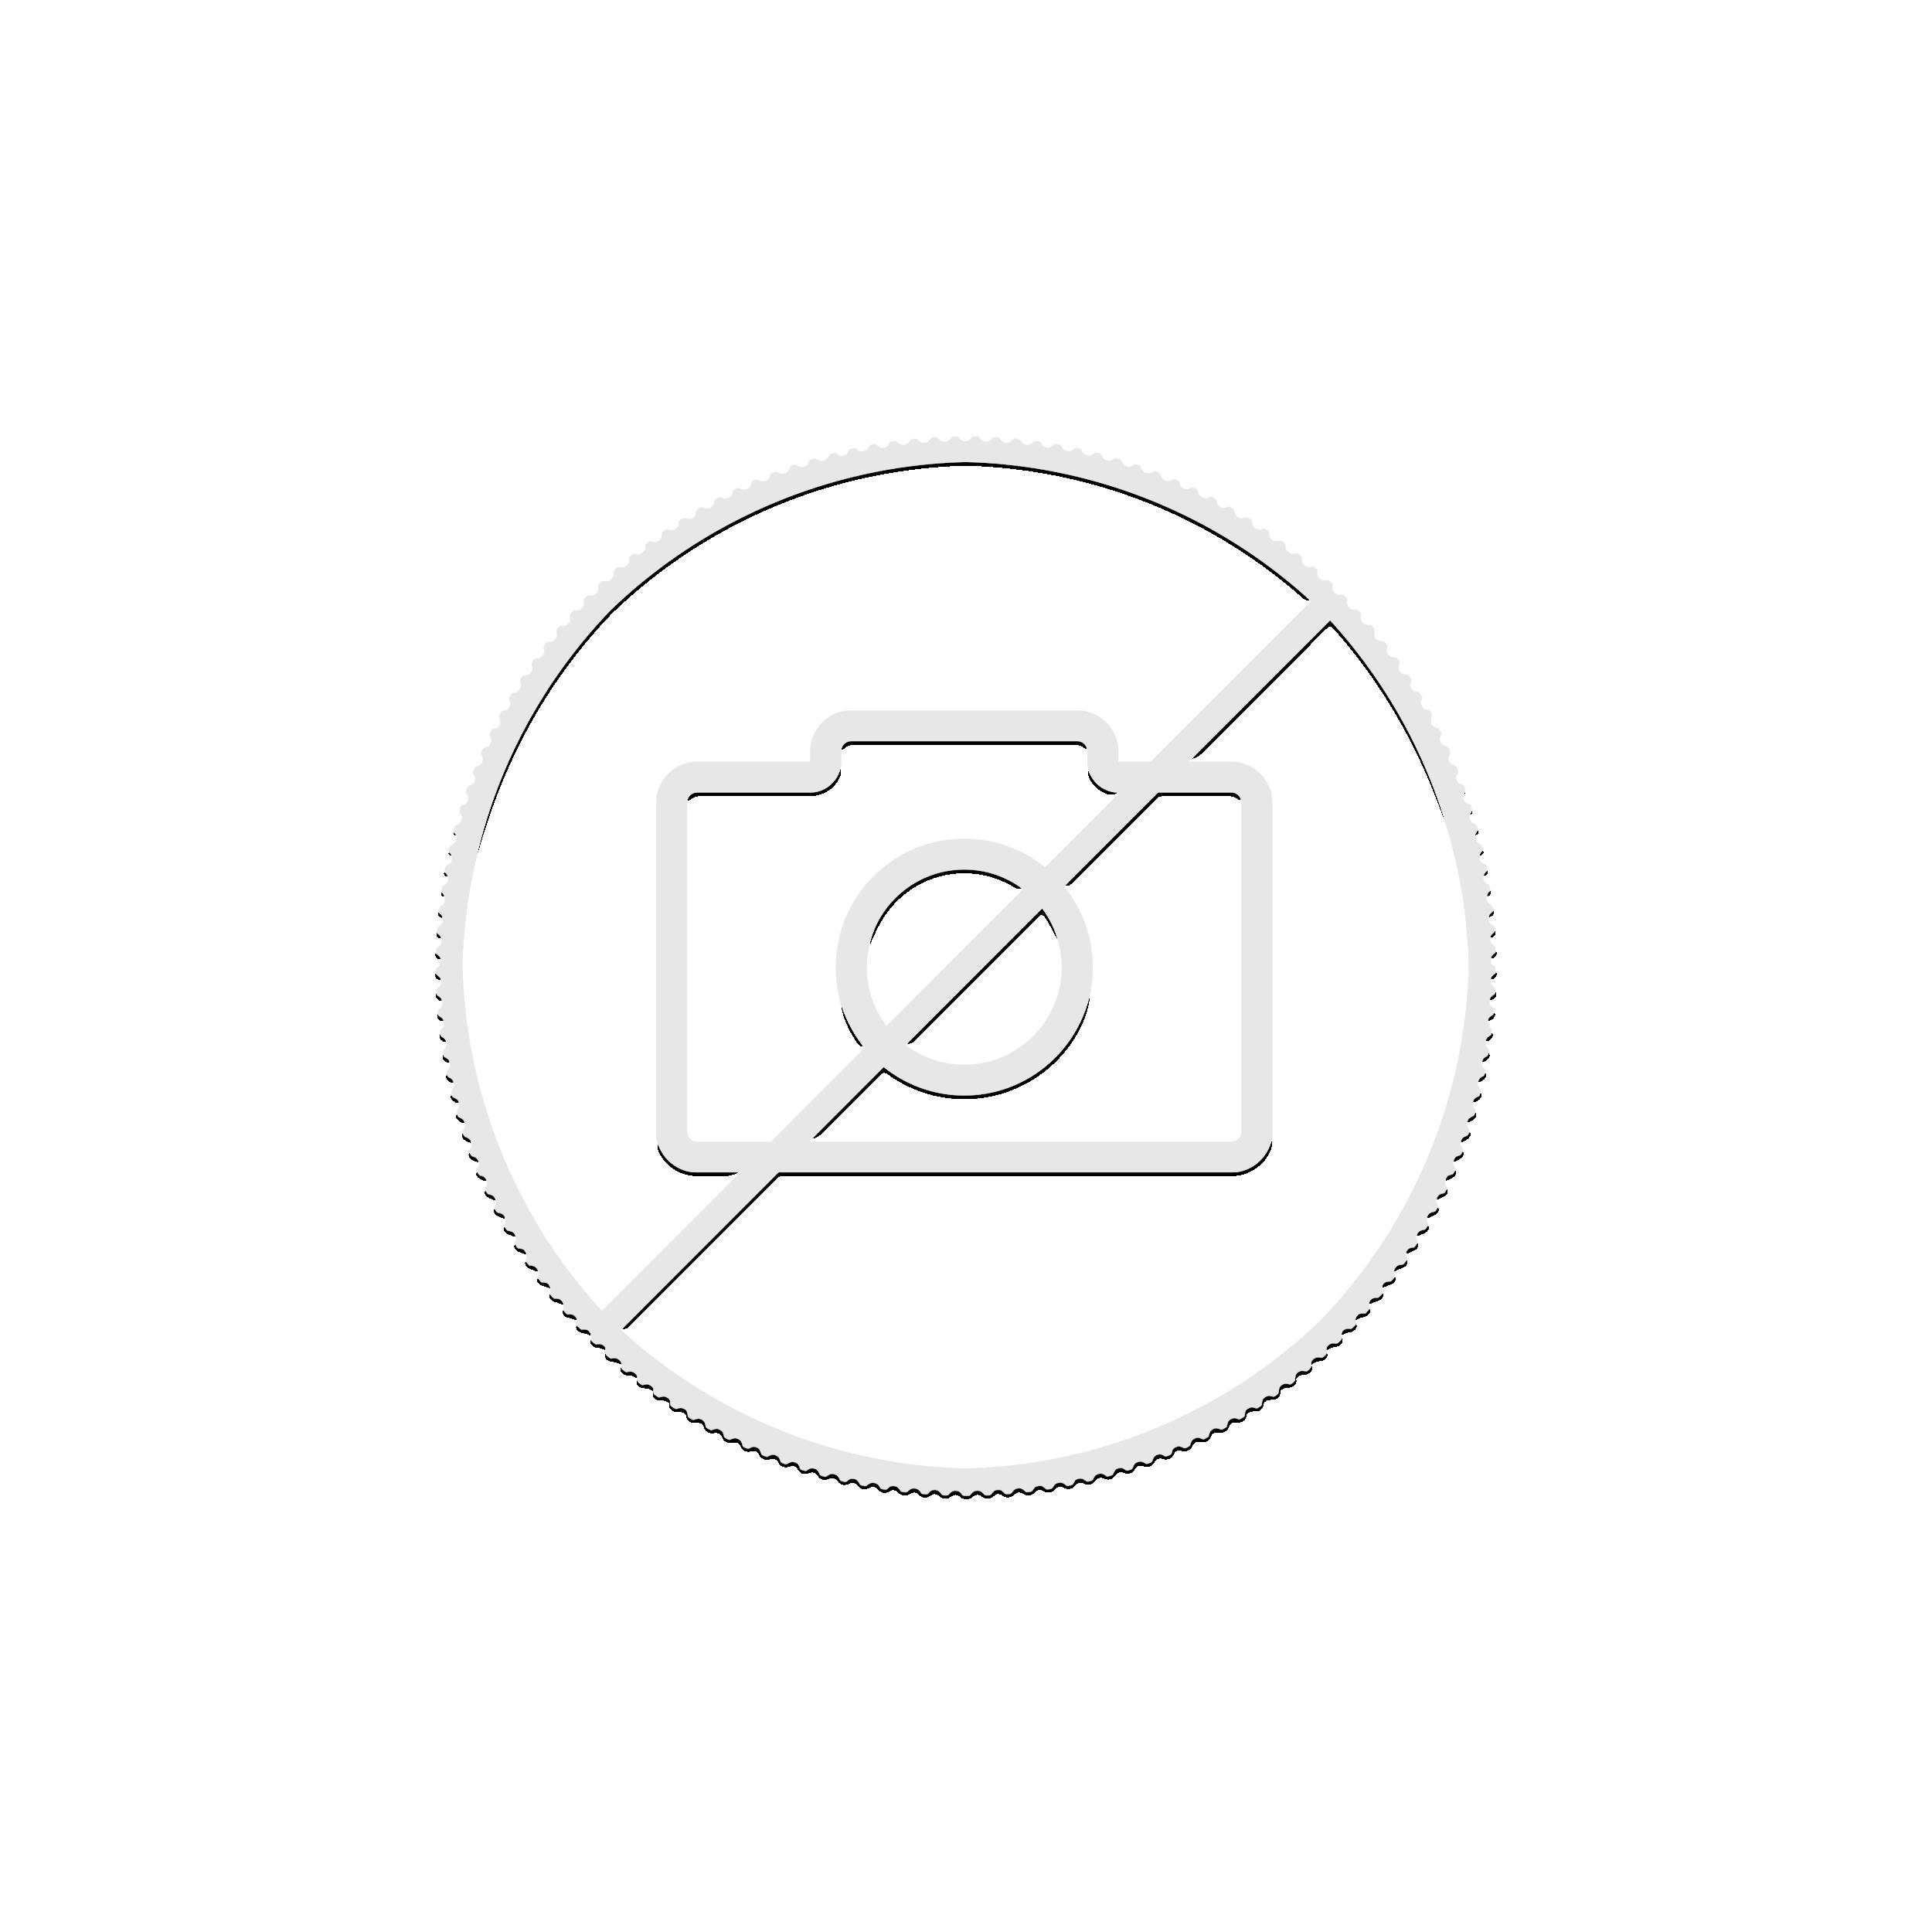 10 Troy ounce silver coin Kookaburra 2013